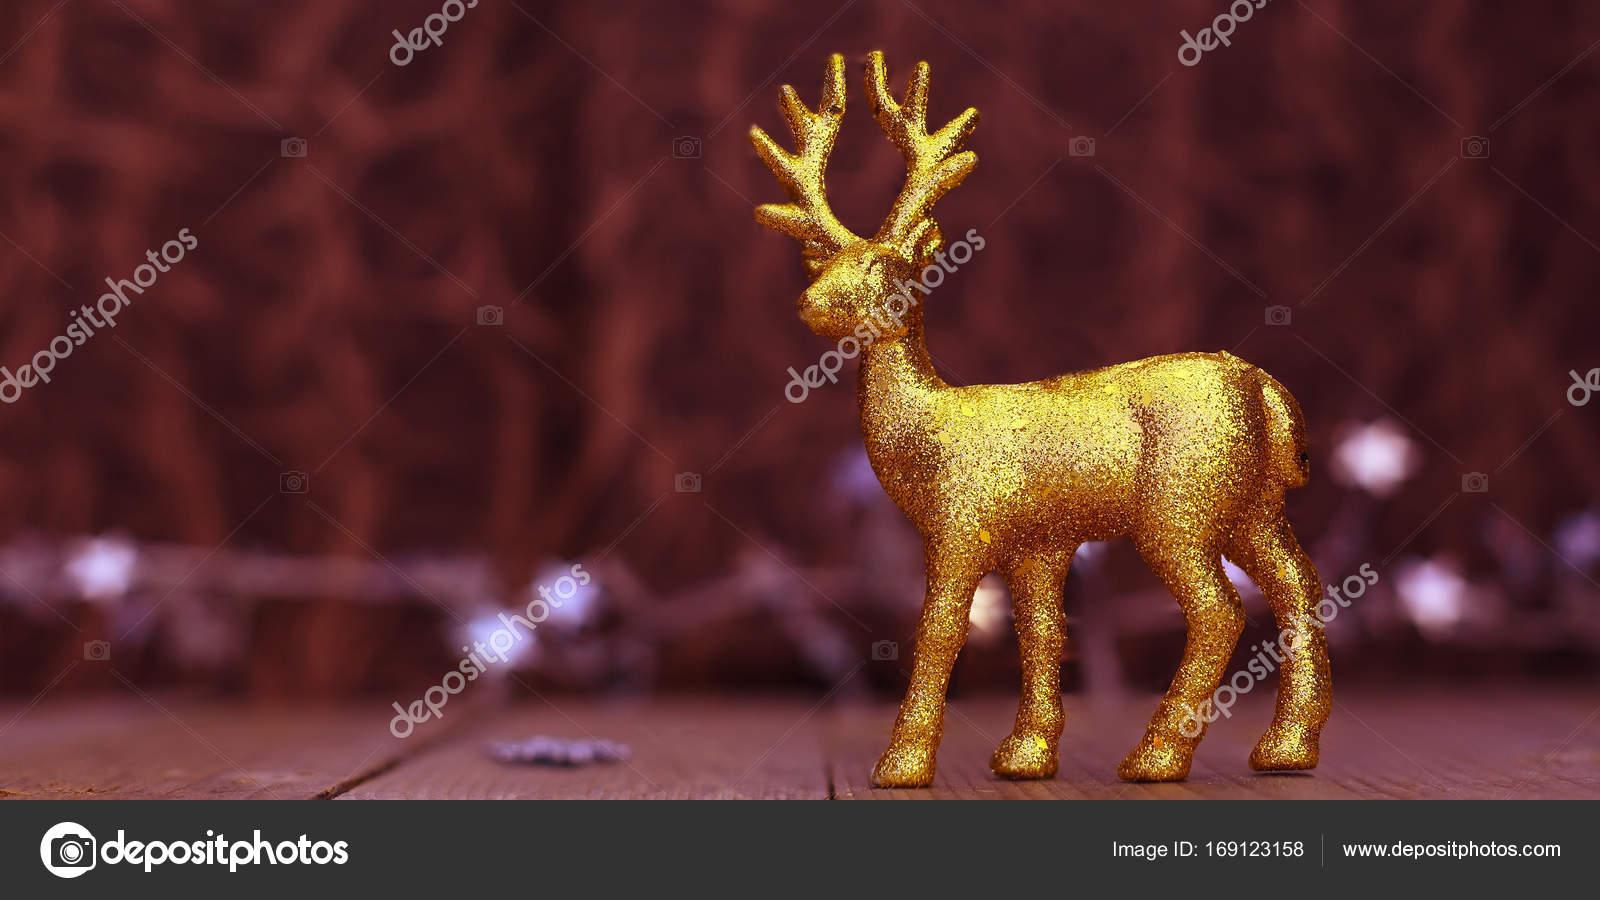 kerst rendier achtergrond met verlichting stockfoto